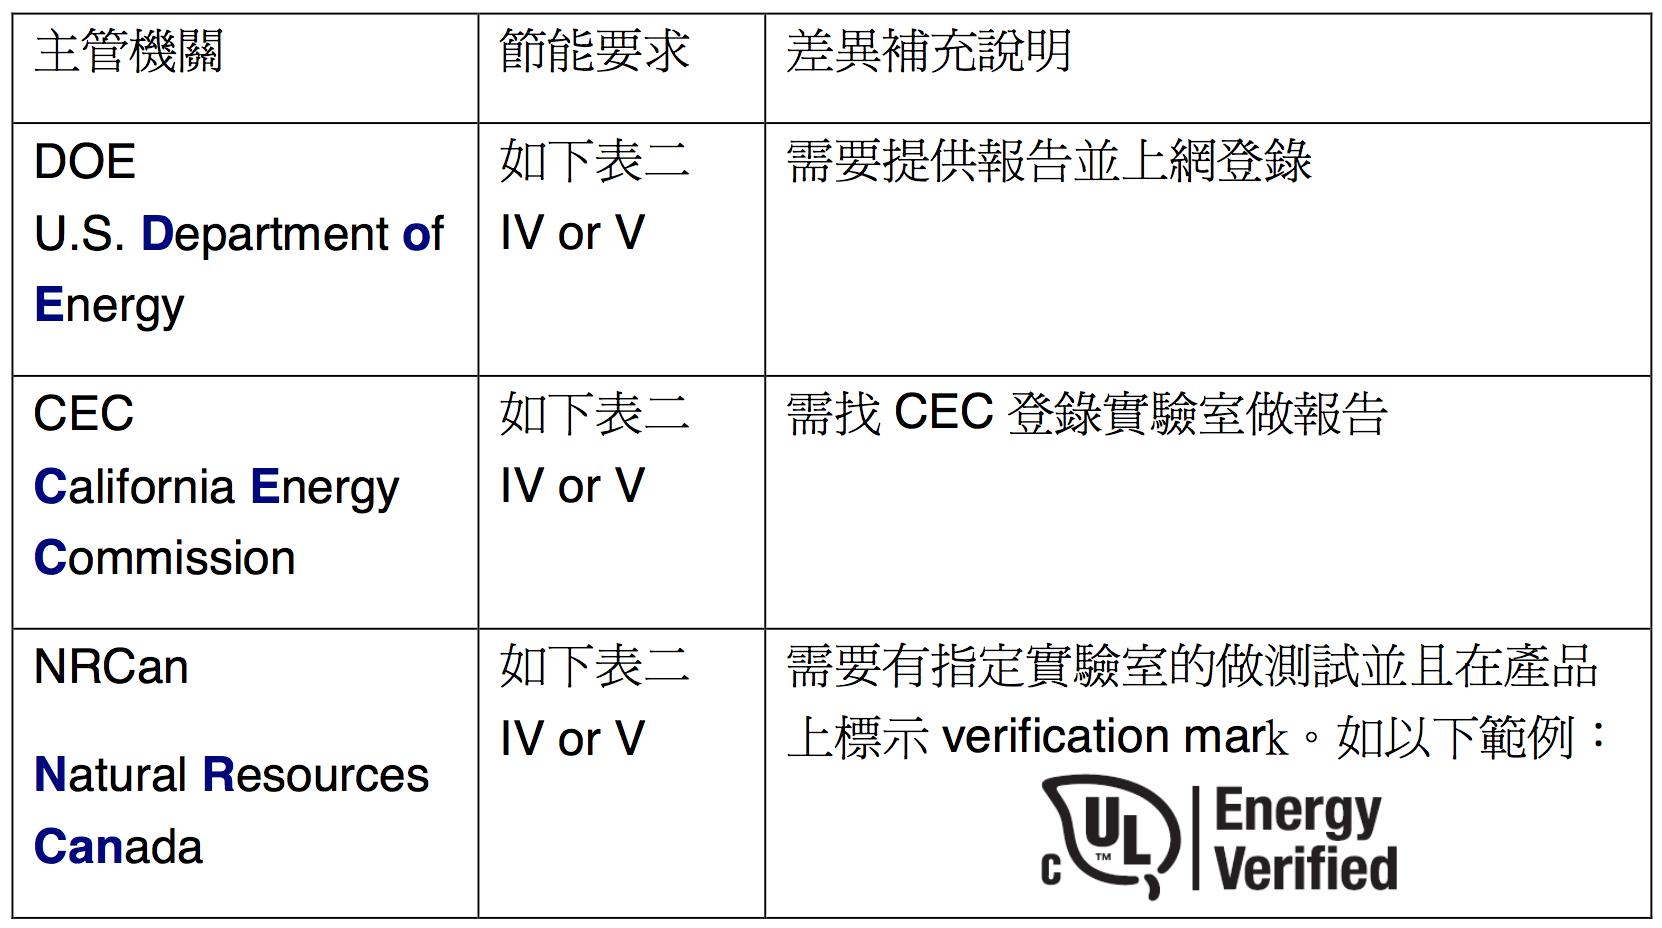 (表一)DOE,CEC,NRCan 差異說明